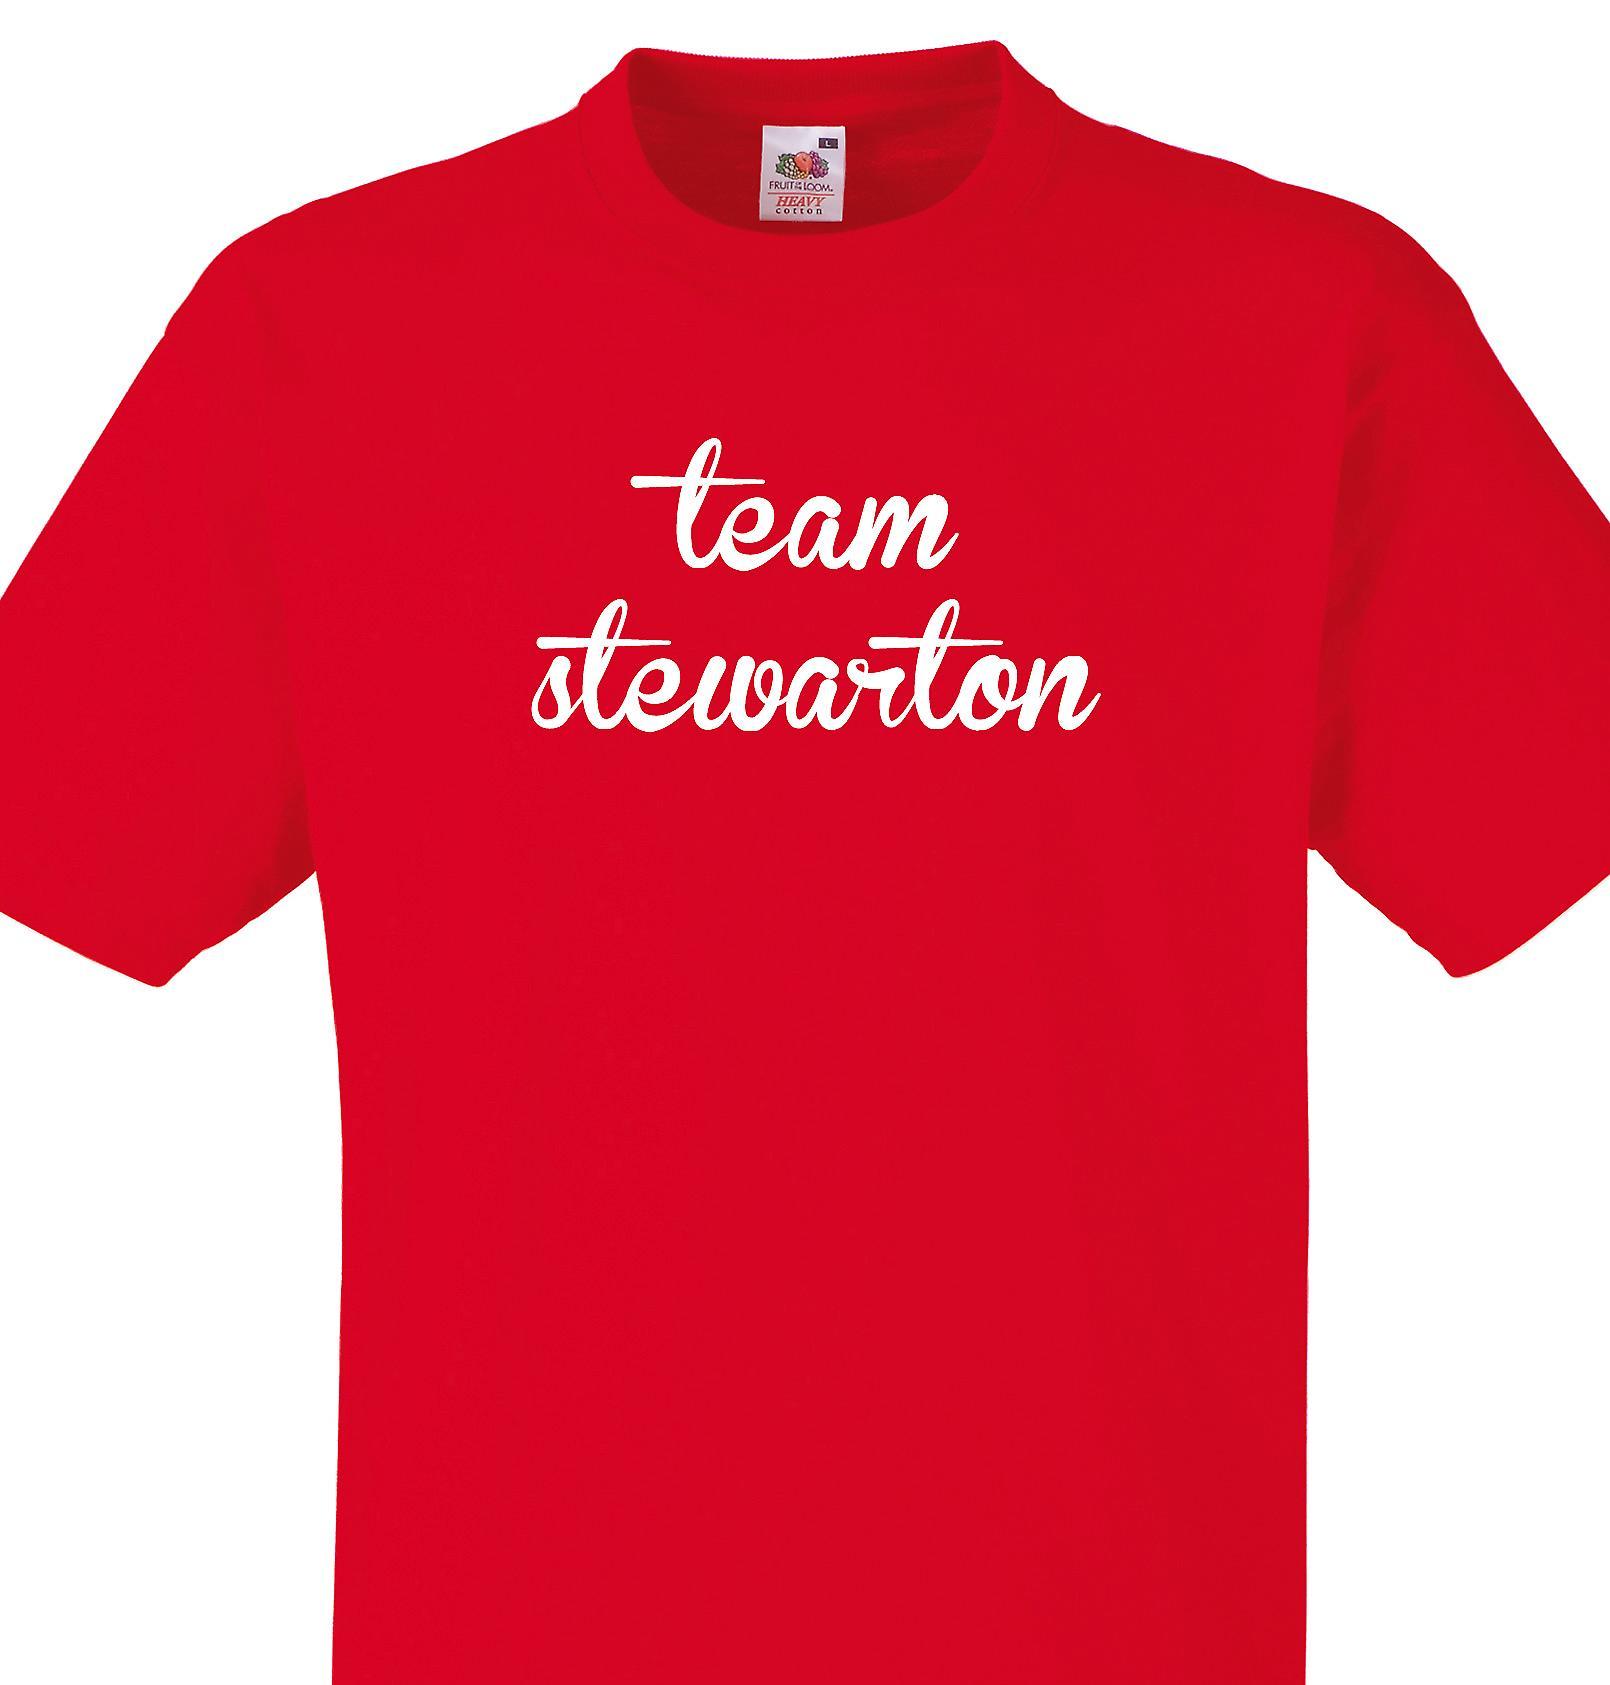 Team Stewarton Red T shirt